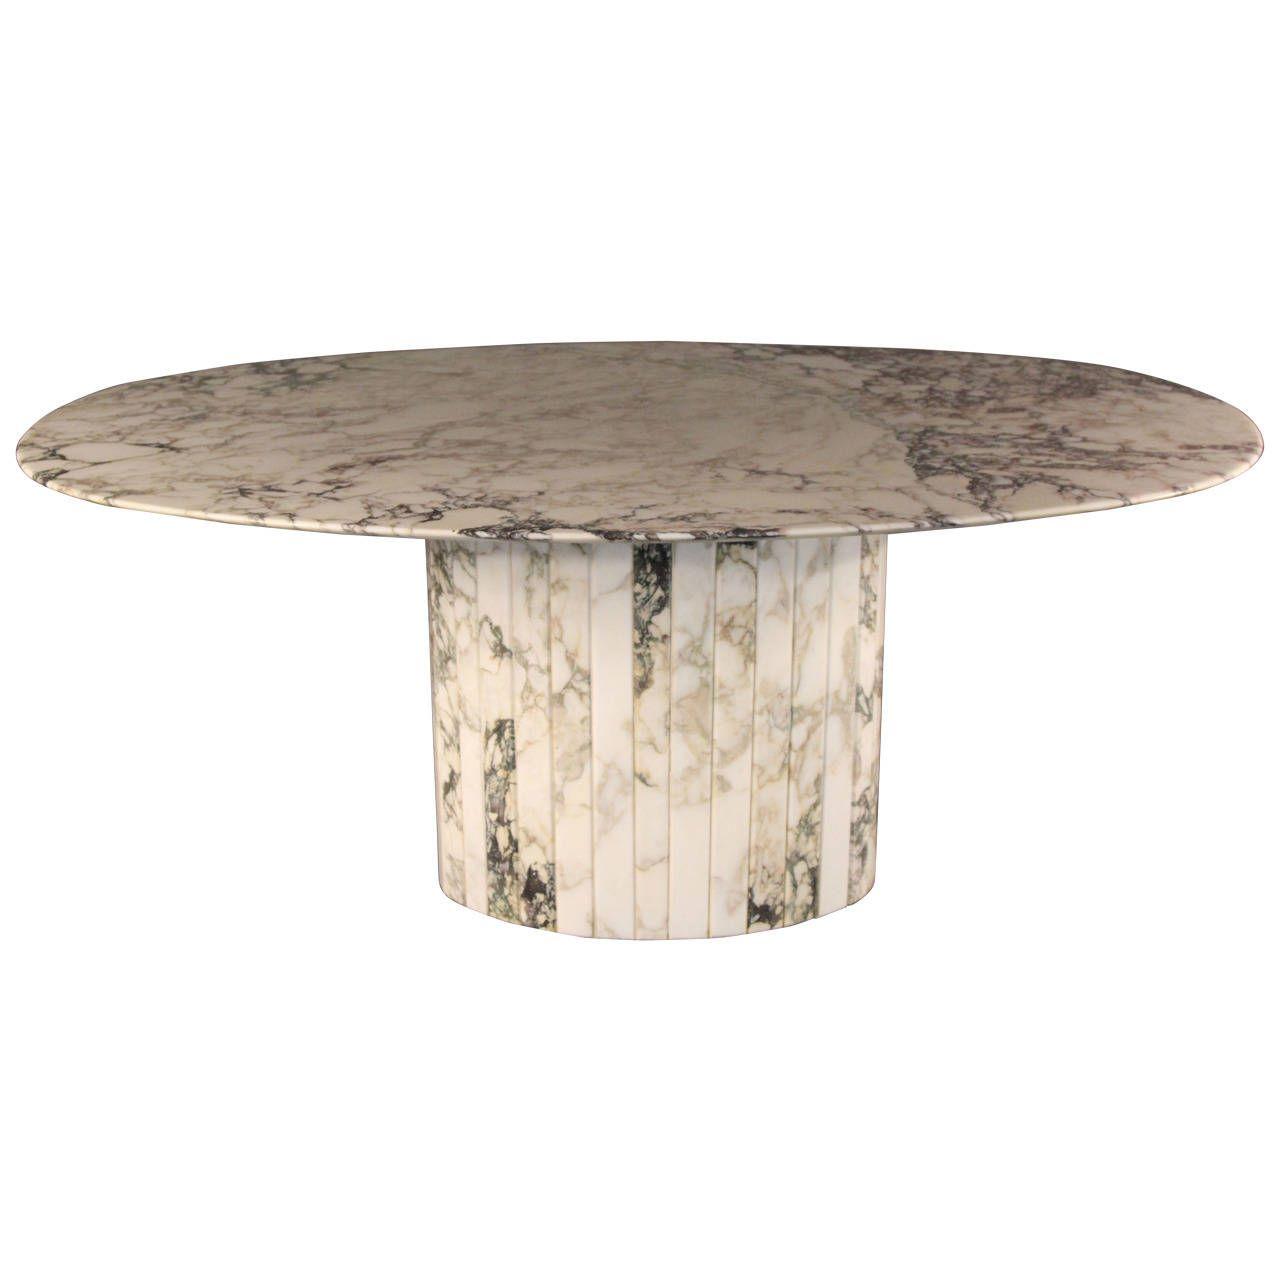 Gorgeous Carrara Marble Oval Dining Table Italian 1stdibs Com